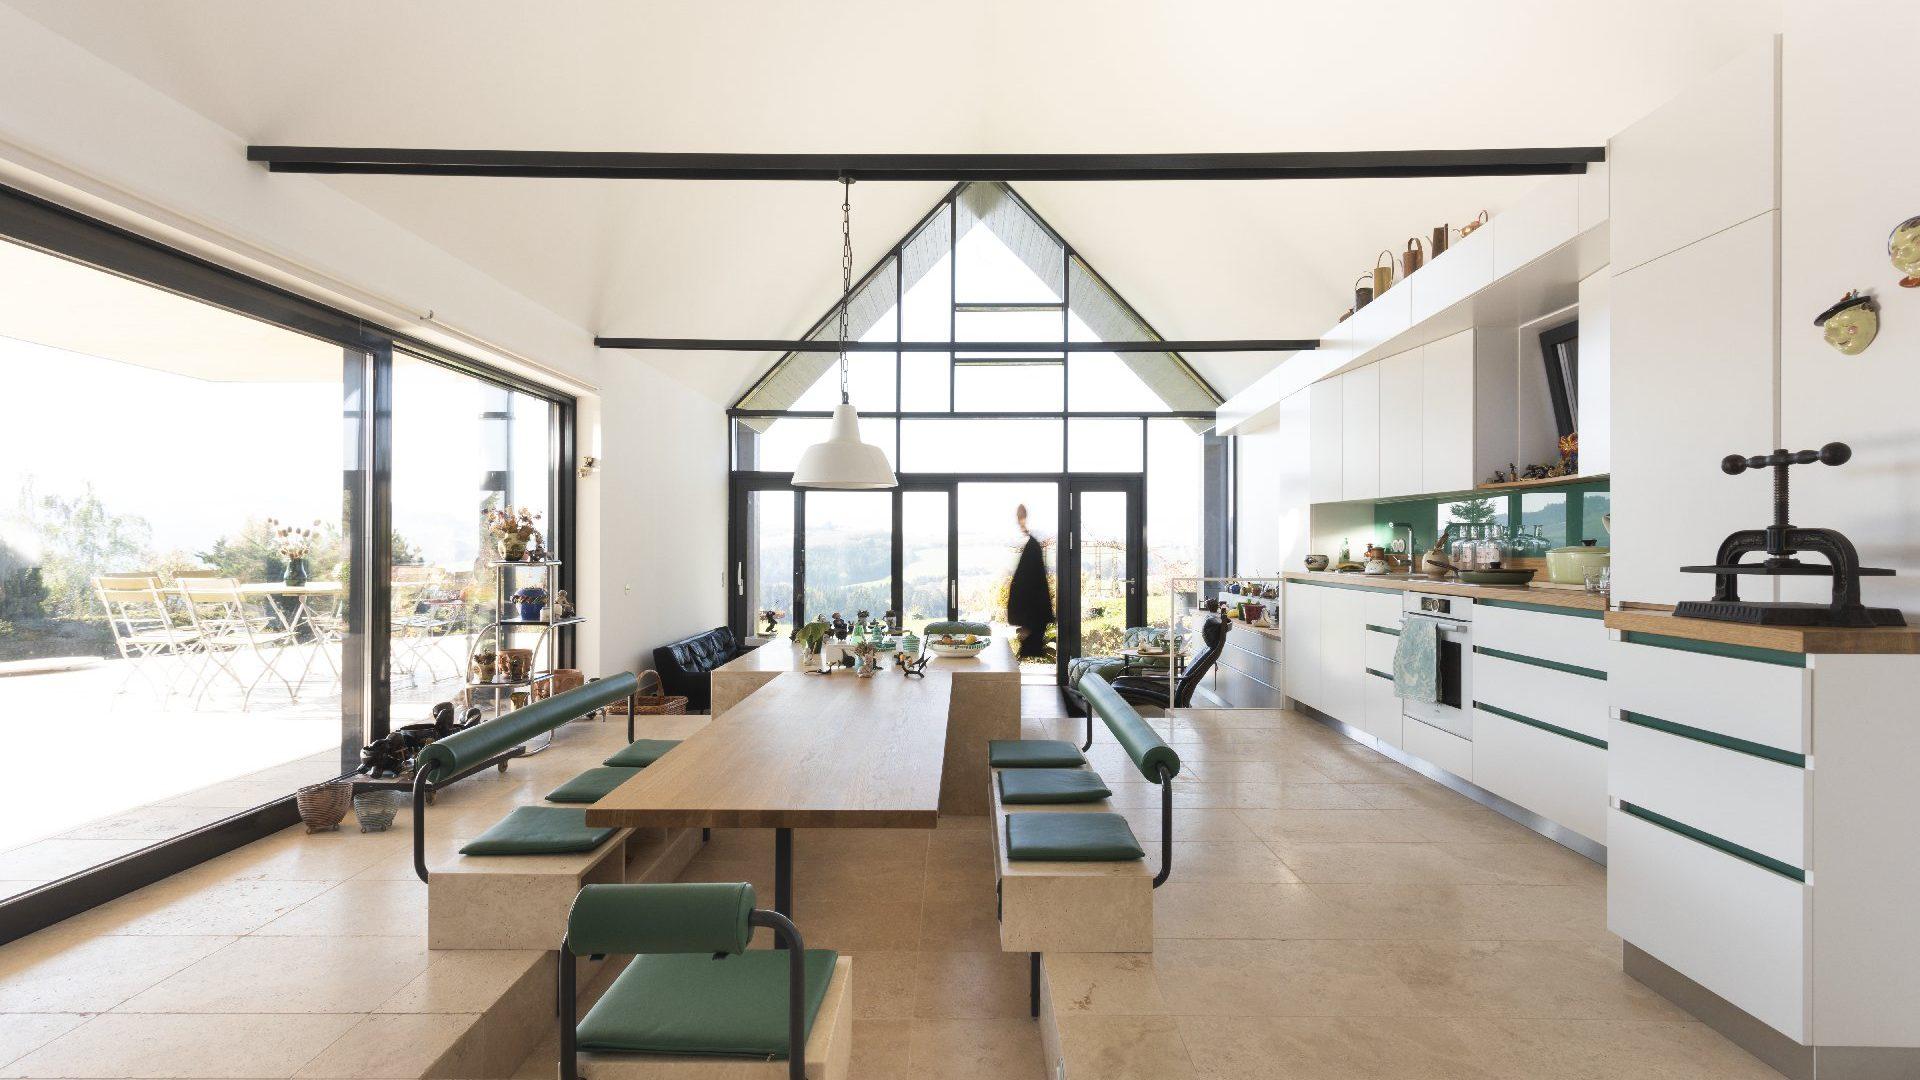 ©Arch. Flatz / Innenansicht abgesenkter Sitzbereich im offenen Wohnraum